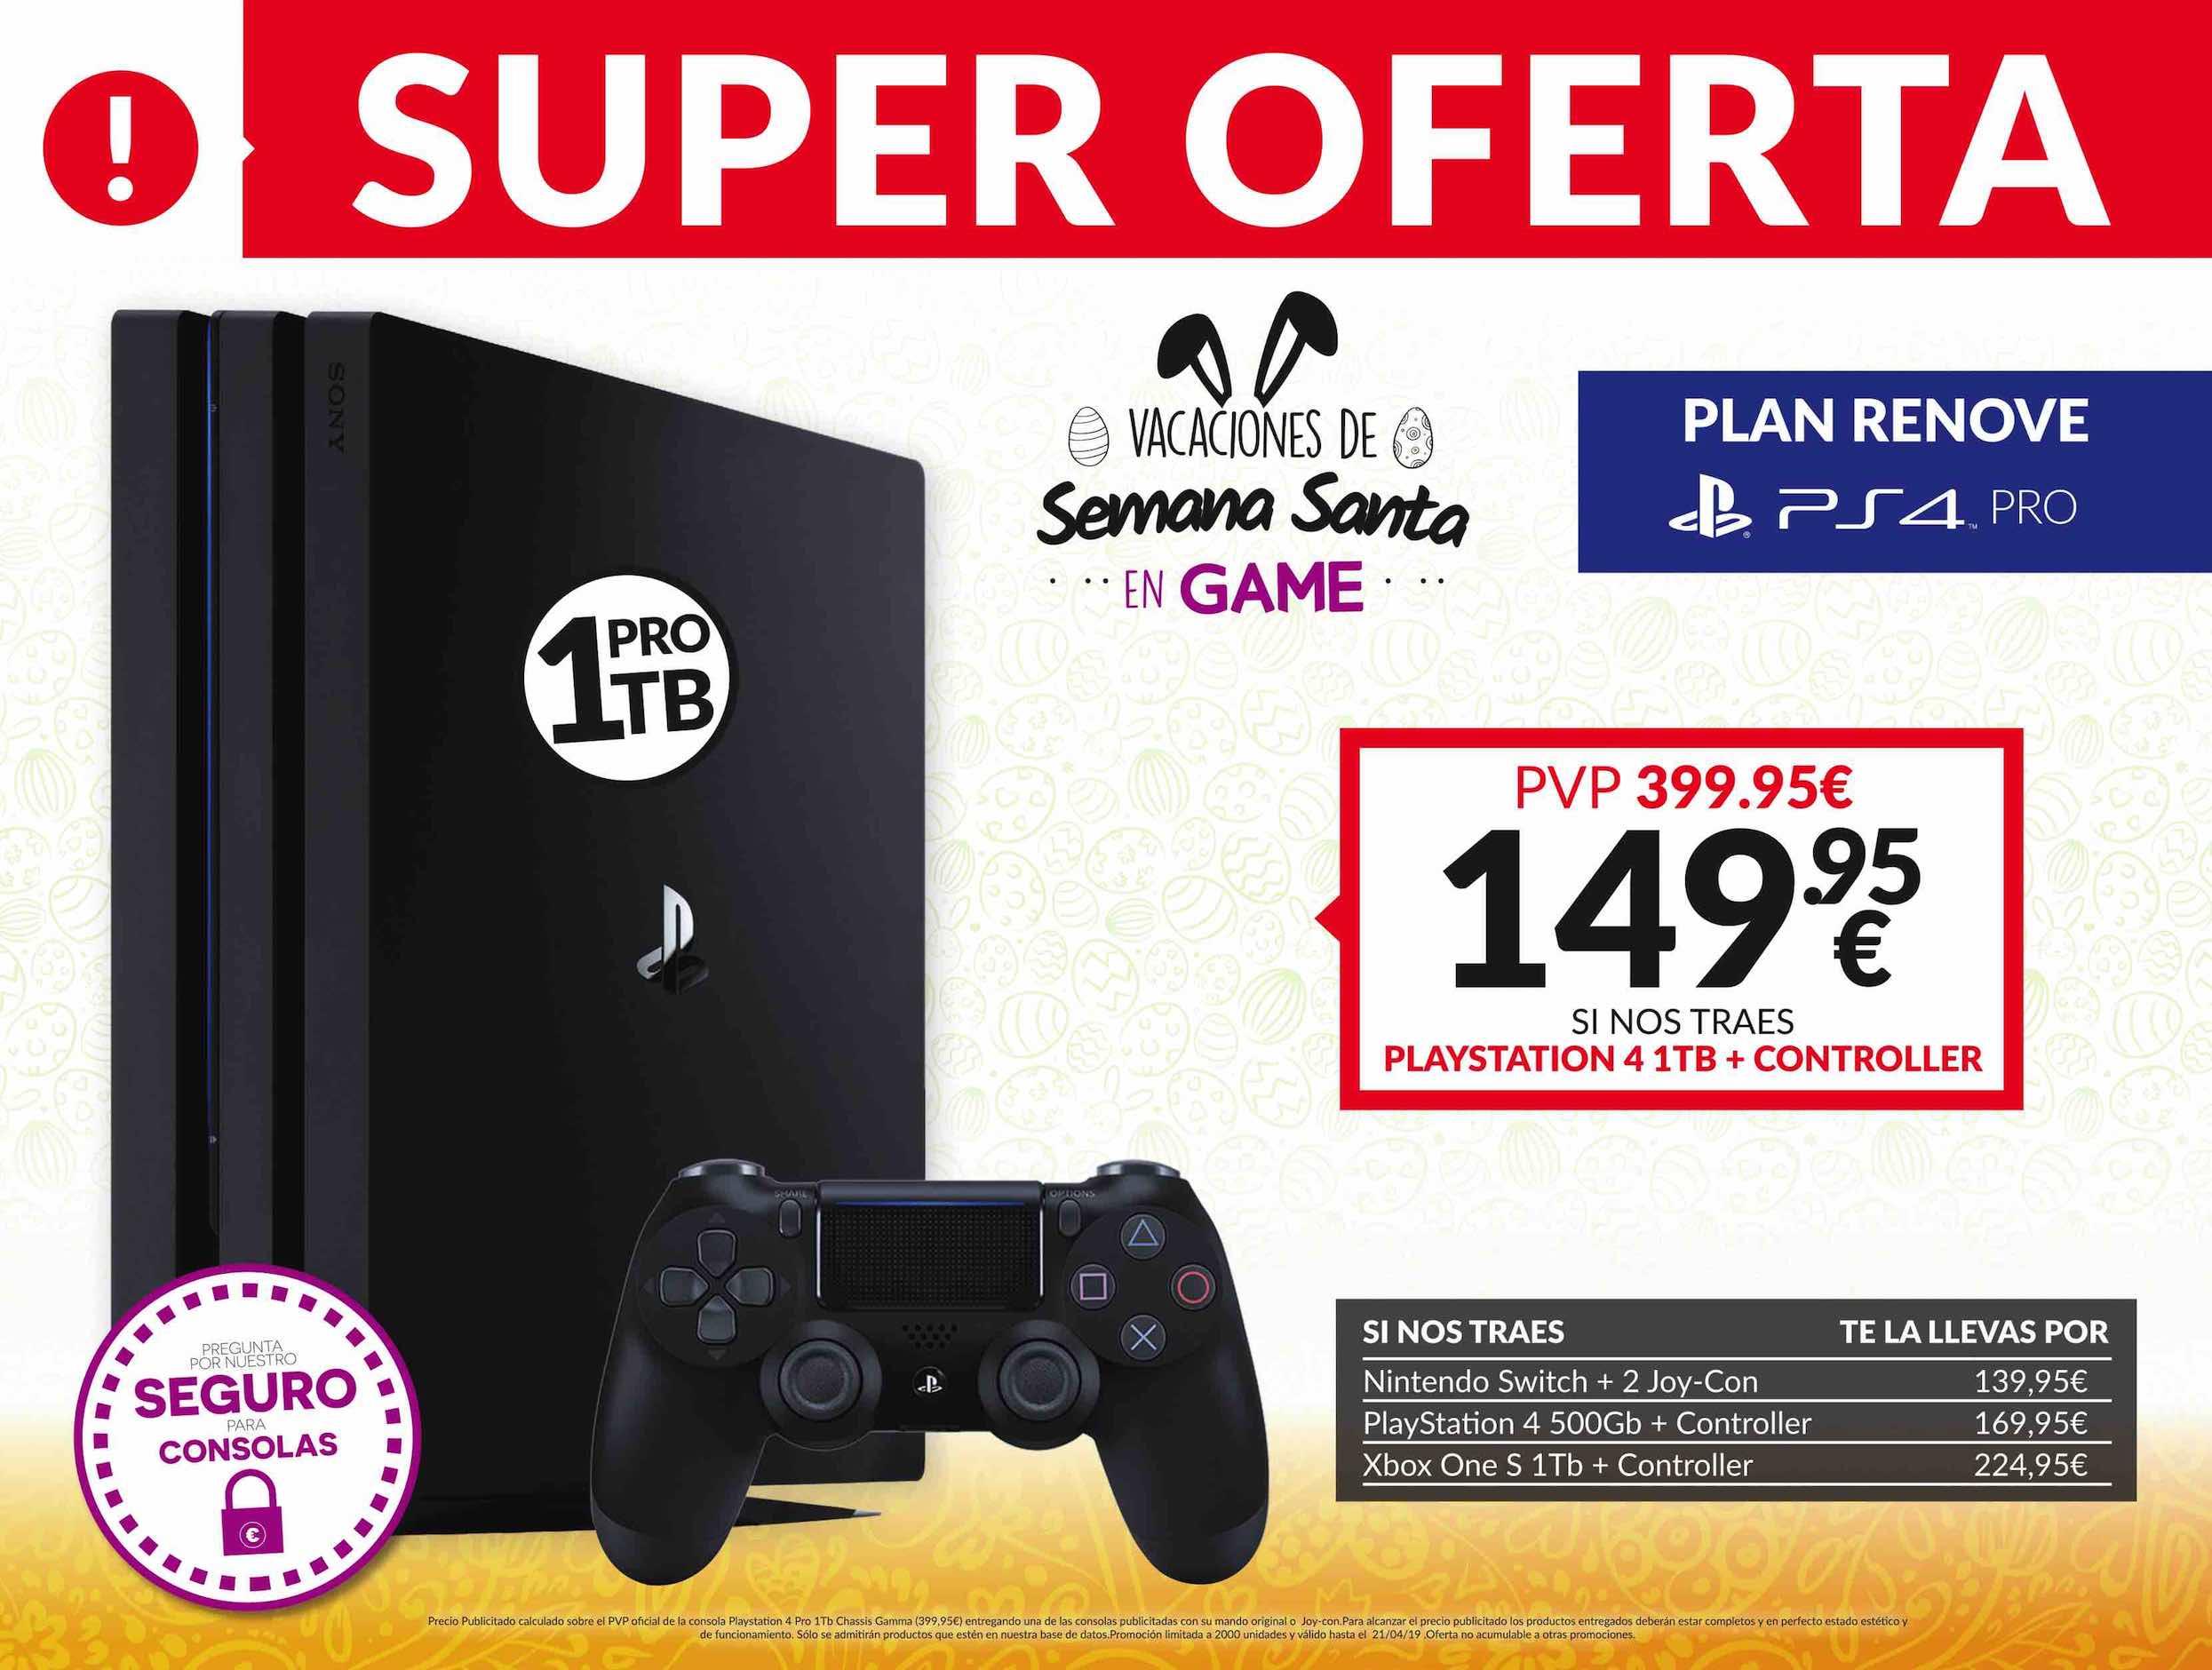 Plan Renove PS4 Pro en GAME